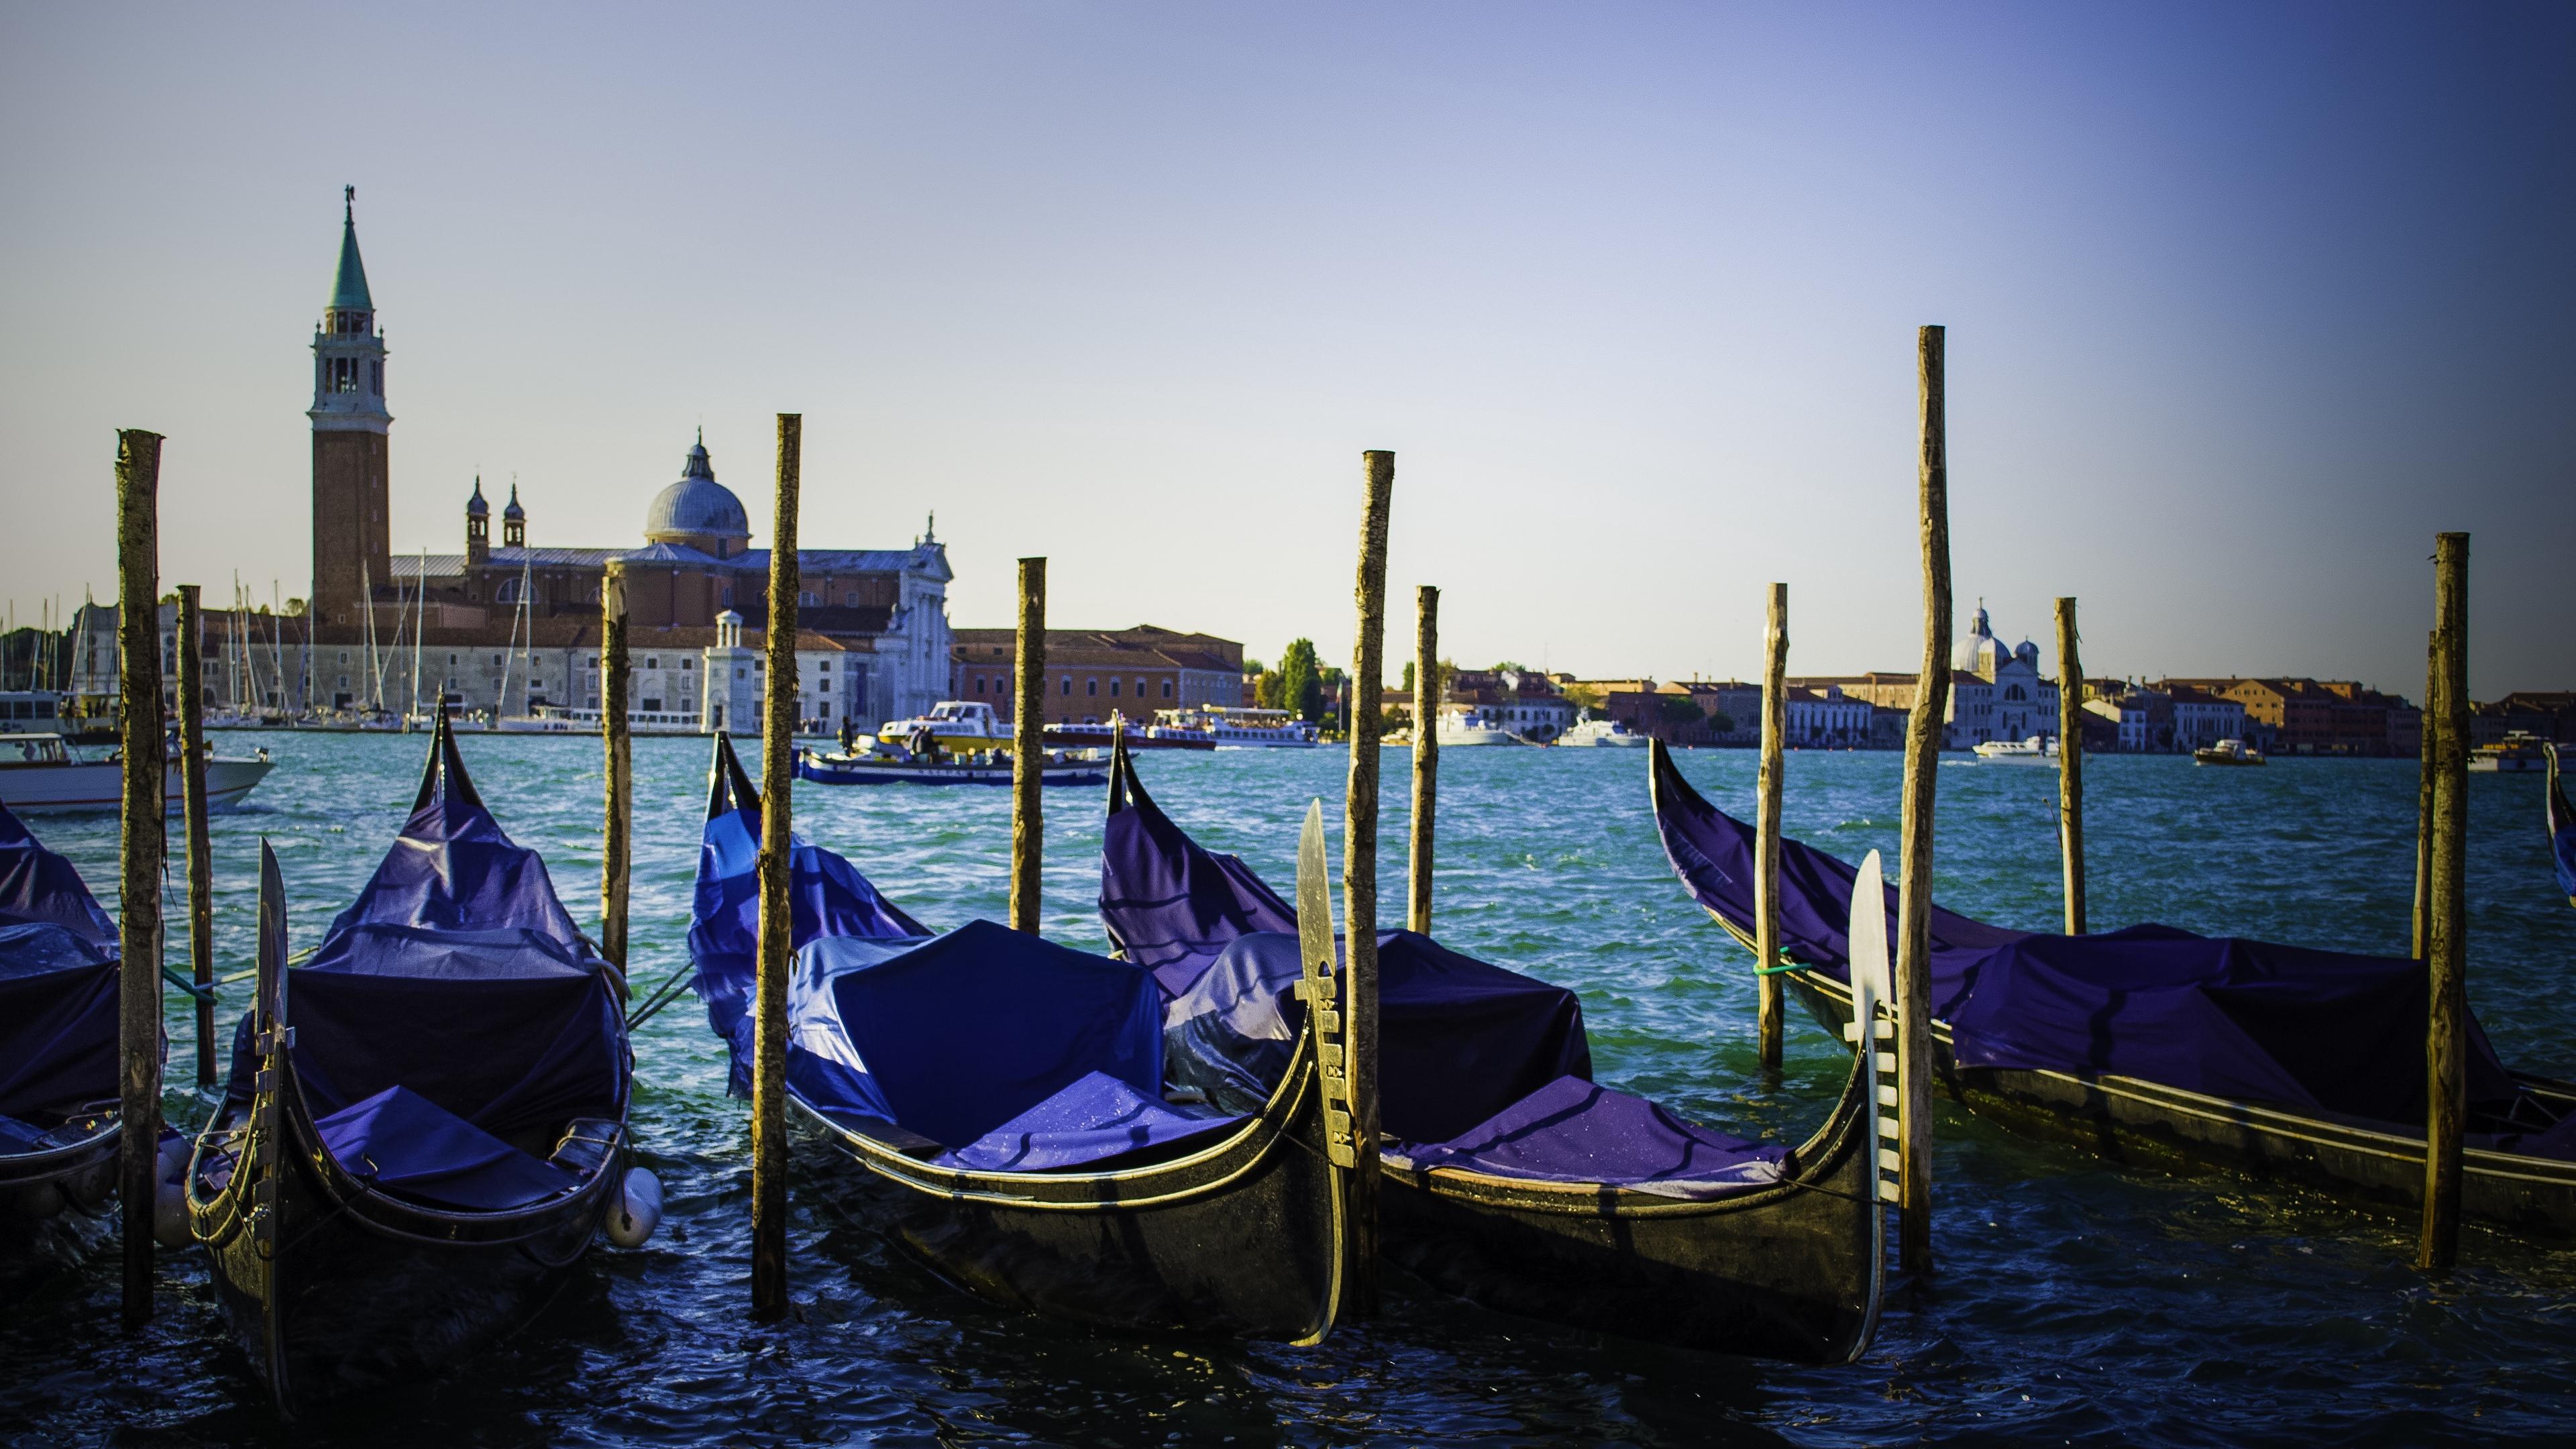 venice italy gondolas river 4k 1538065484 - venice, italy, gondolas, river 4k - Venice, Italy, gondolas